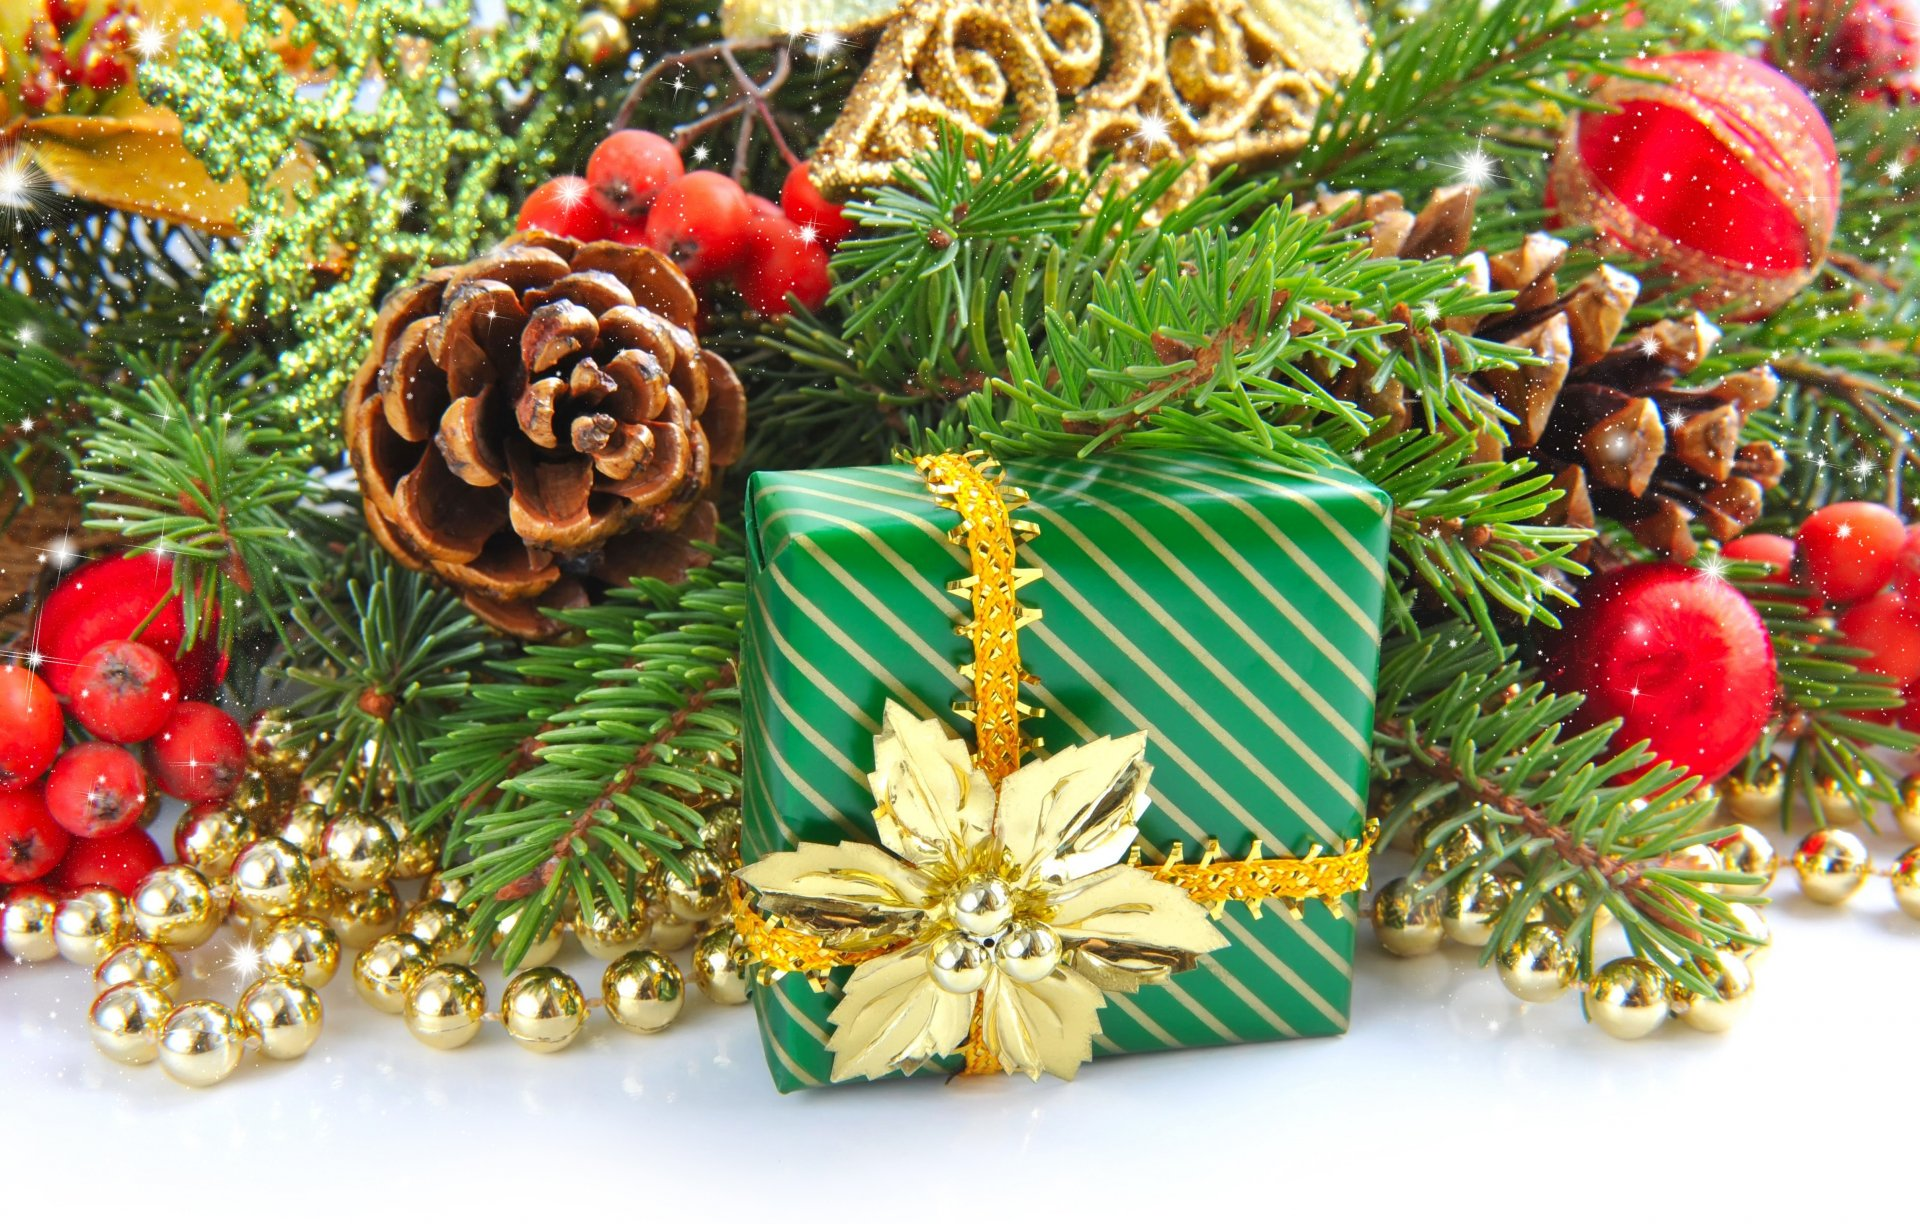 восемь, открытки для новогодних подарков представлены